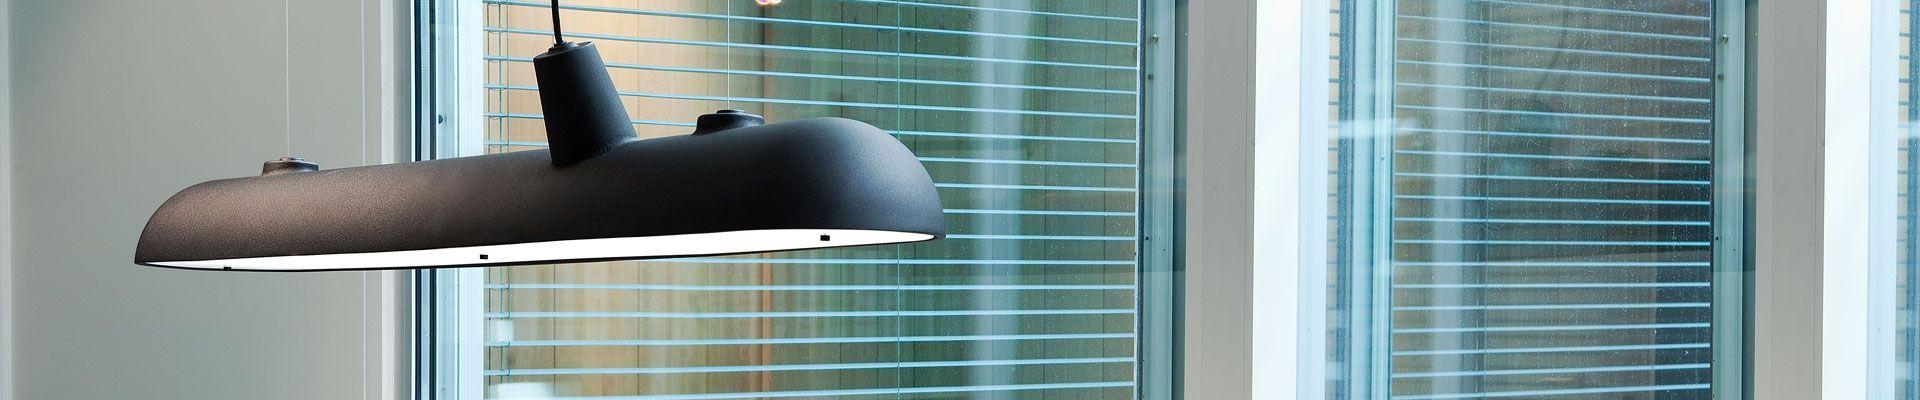 Functionals lampen